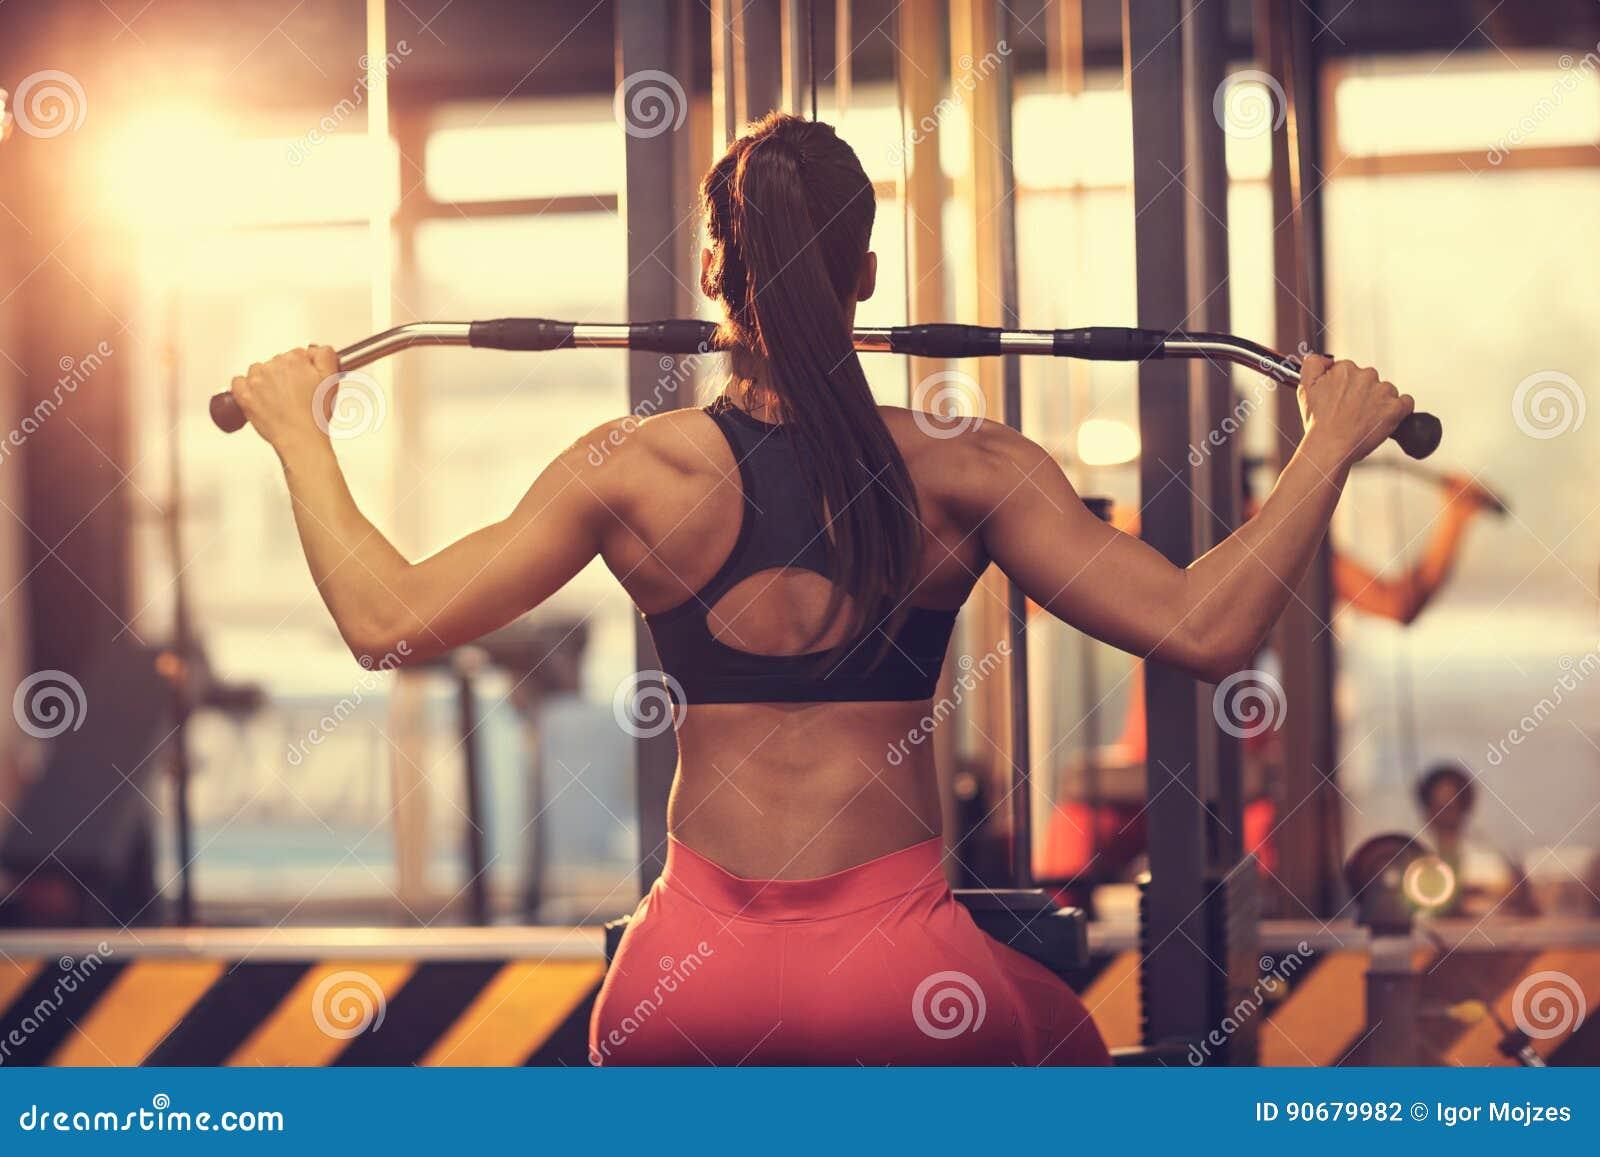 ejercicios para pecho mujeres en el gym